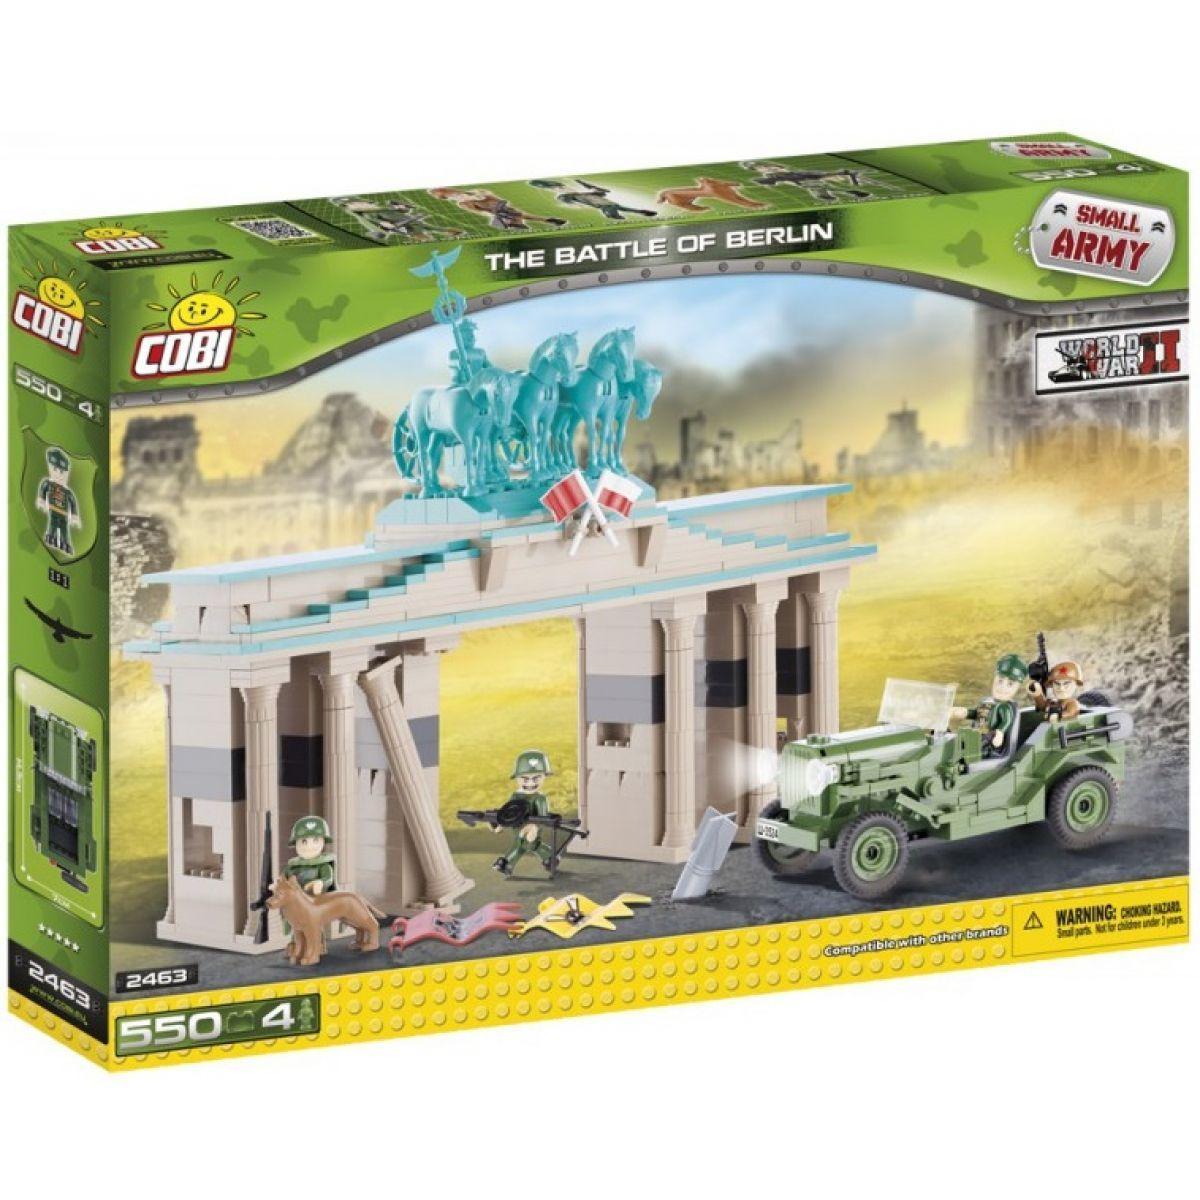 Cobi Malá armáda 2463 Bitva o Berlín